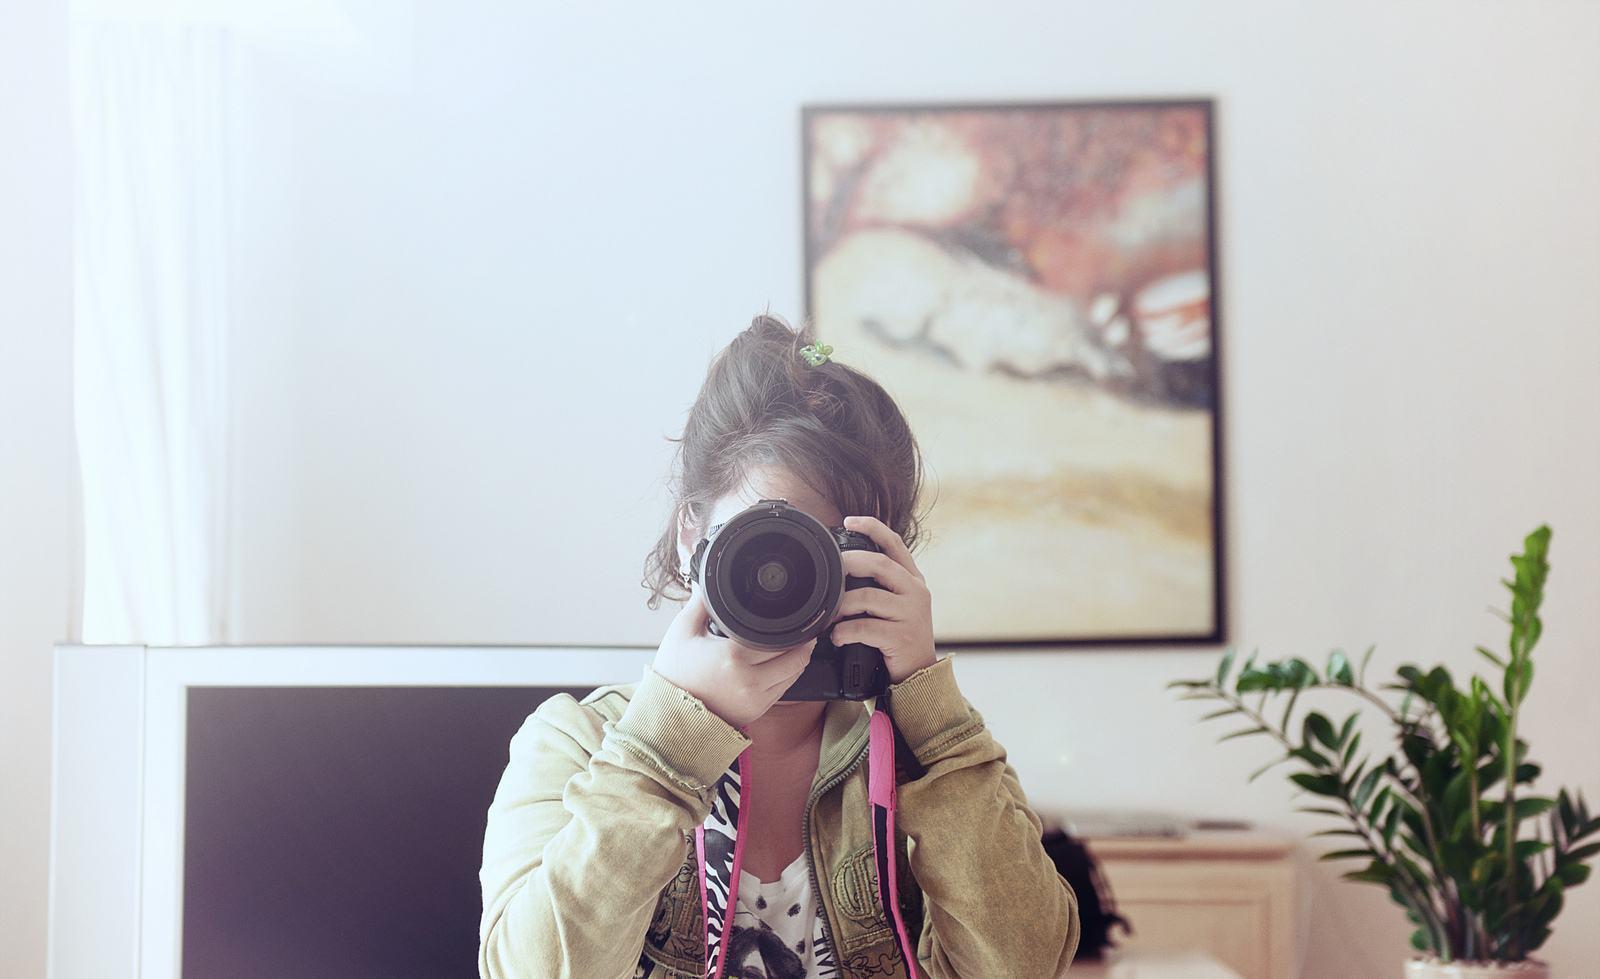 As origens e implicações da selfie, a palavra do ano segundo o dicionário Oxford